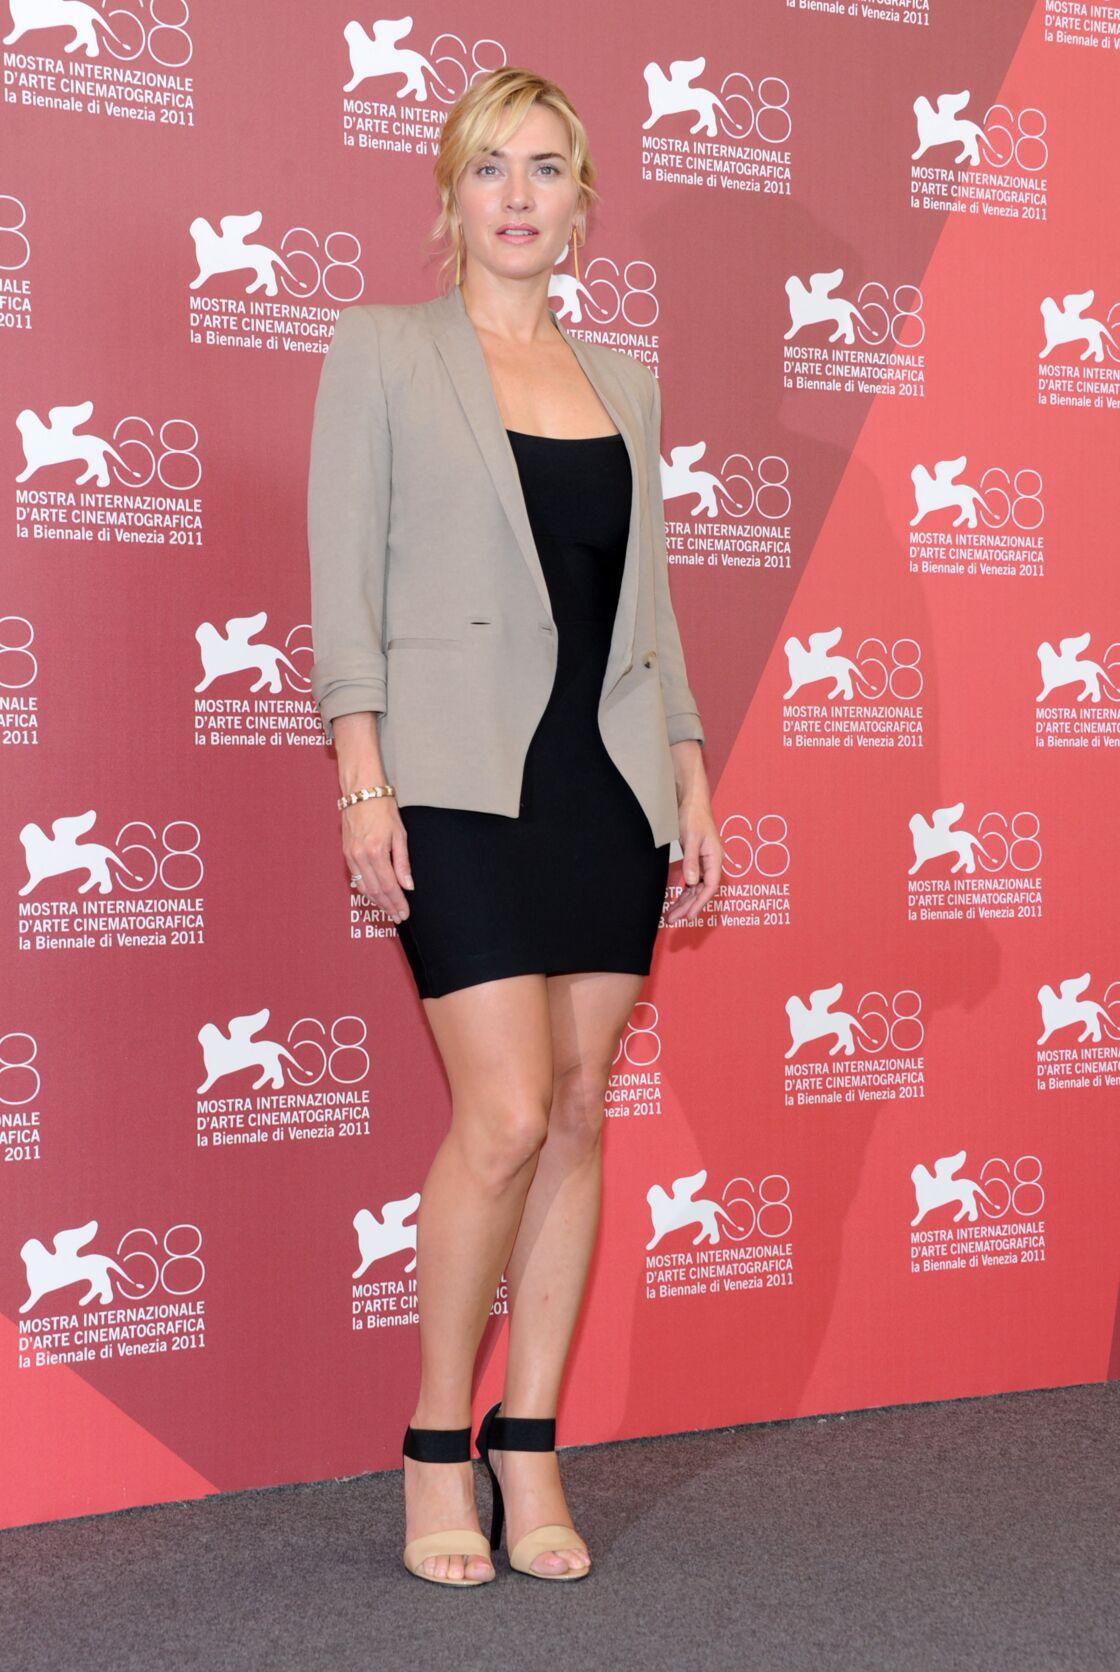 Kate Winslet mise sur des robes courtes pour mettre en valeur ses jambes